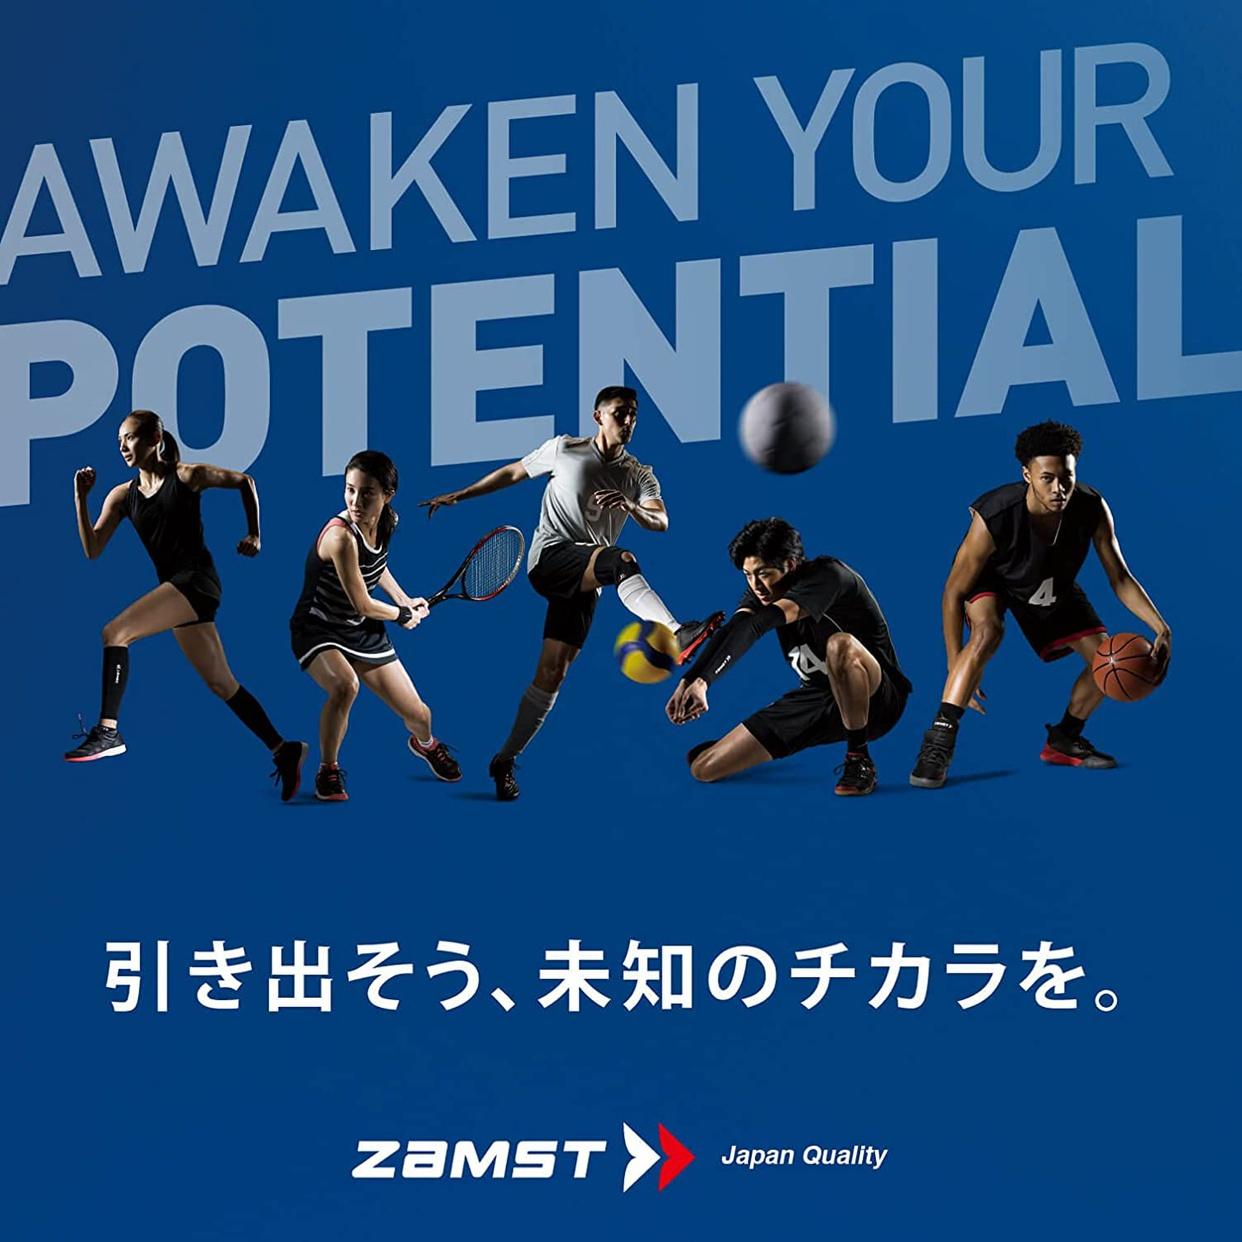 ZAMST(ザムスト) ボディーメイト ヒザの商品画像5